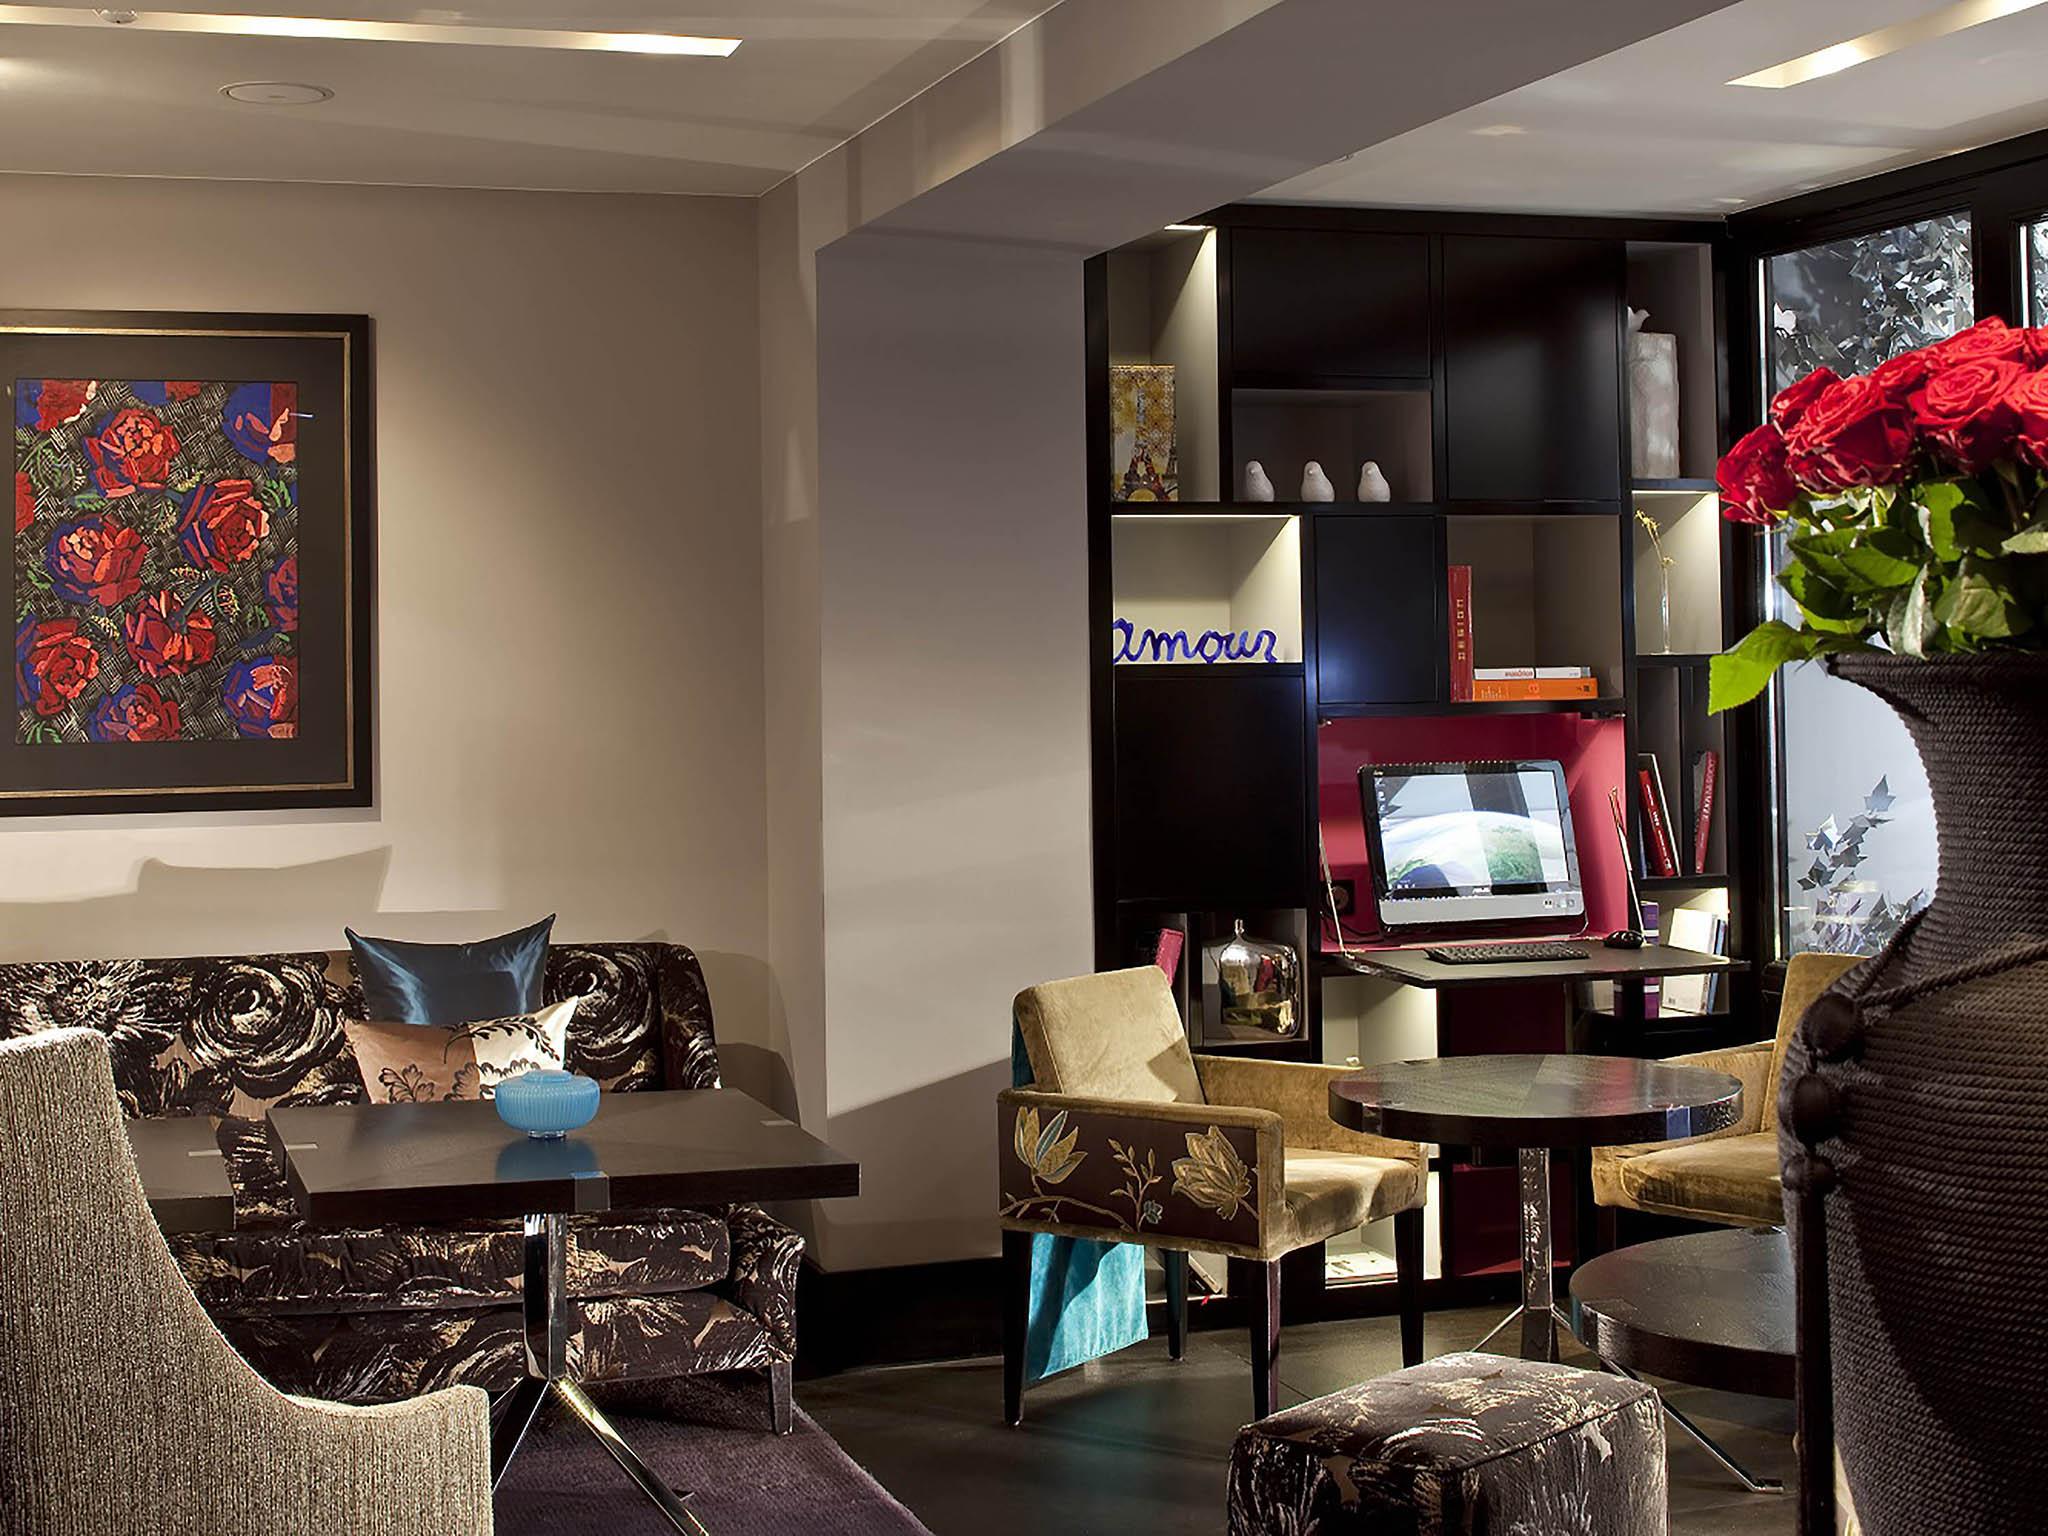 Hotel in paris les jardins de la villa for Hotel les jardins de la villa paris